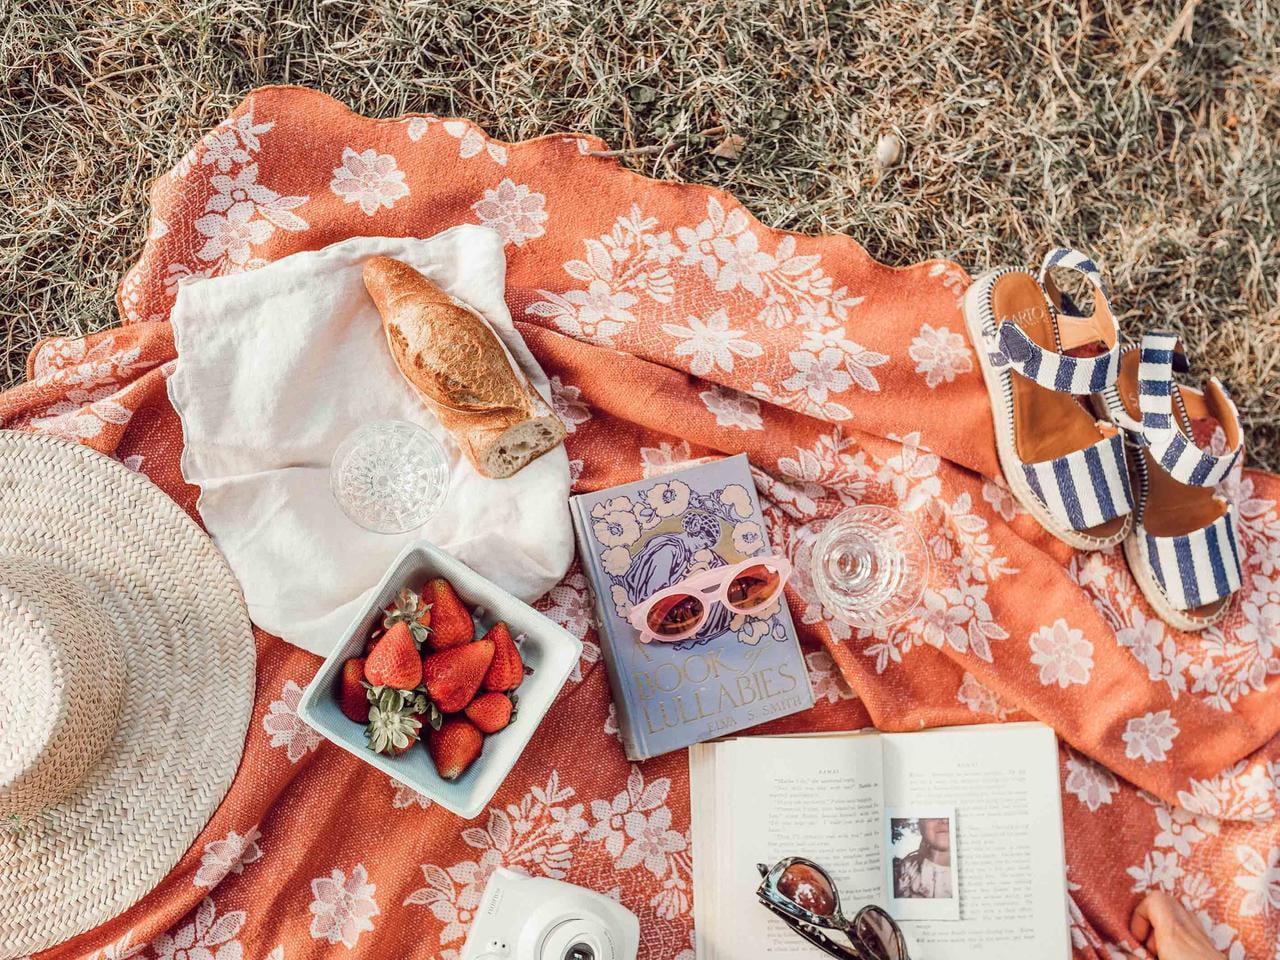 Instagramで「おしゃピク」がブーム!海や公園でおしゃれにピクニックしよう